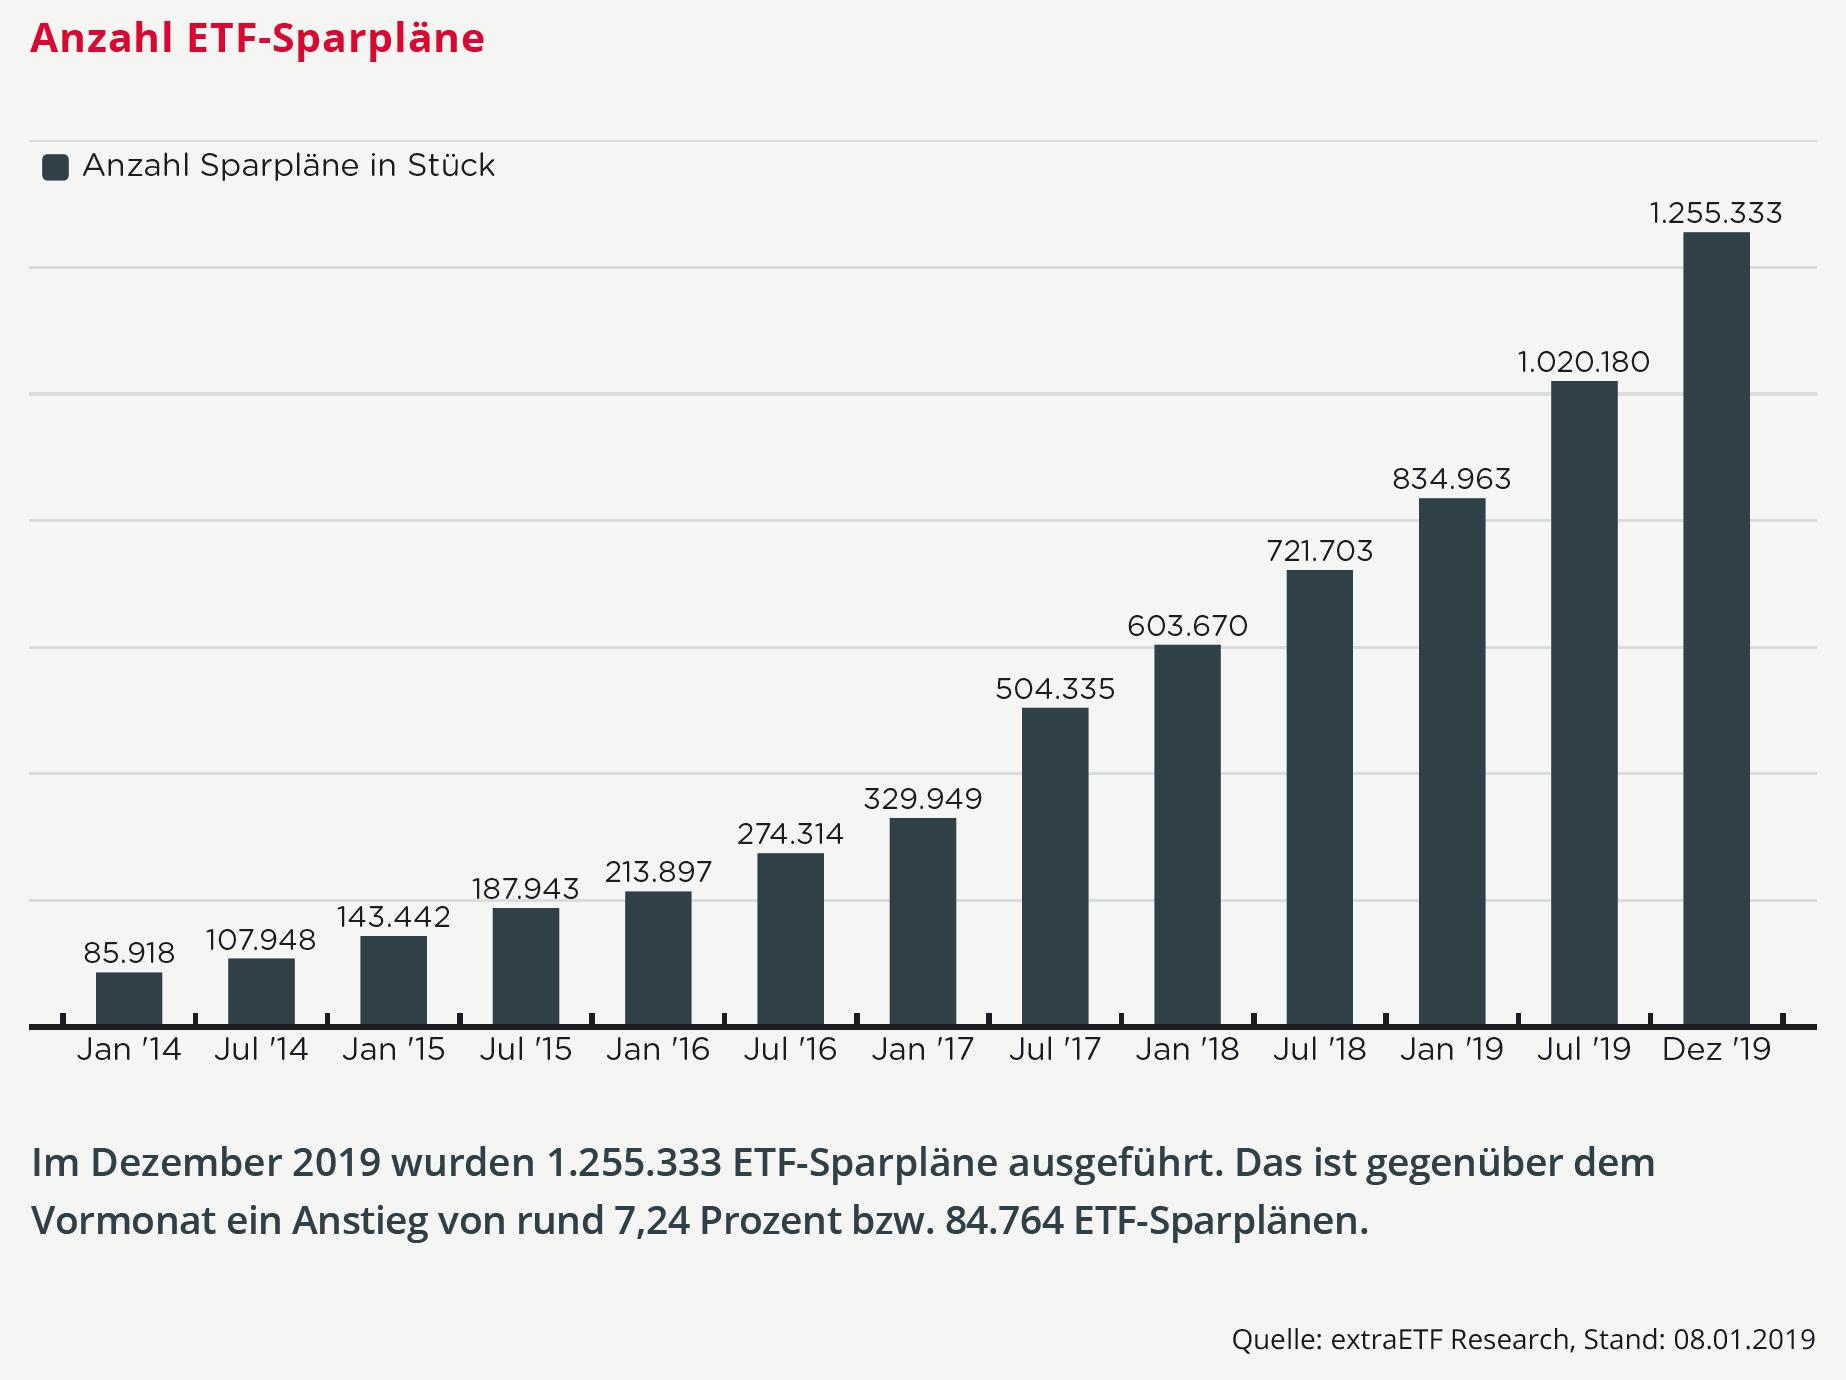 ETF-Sparpläne 2019